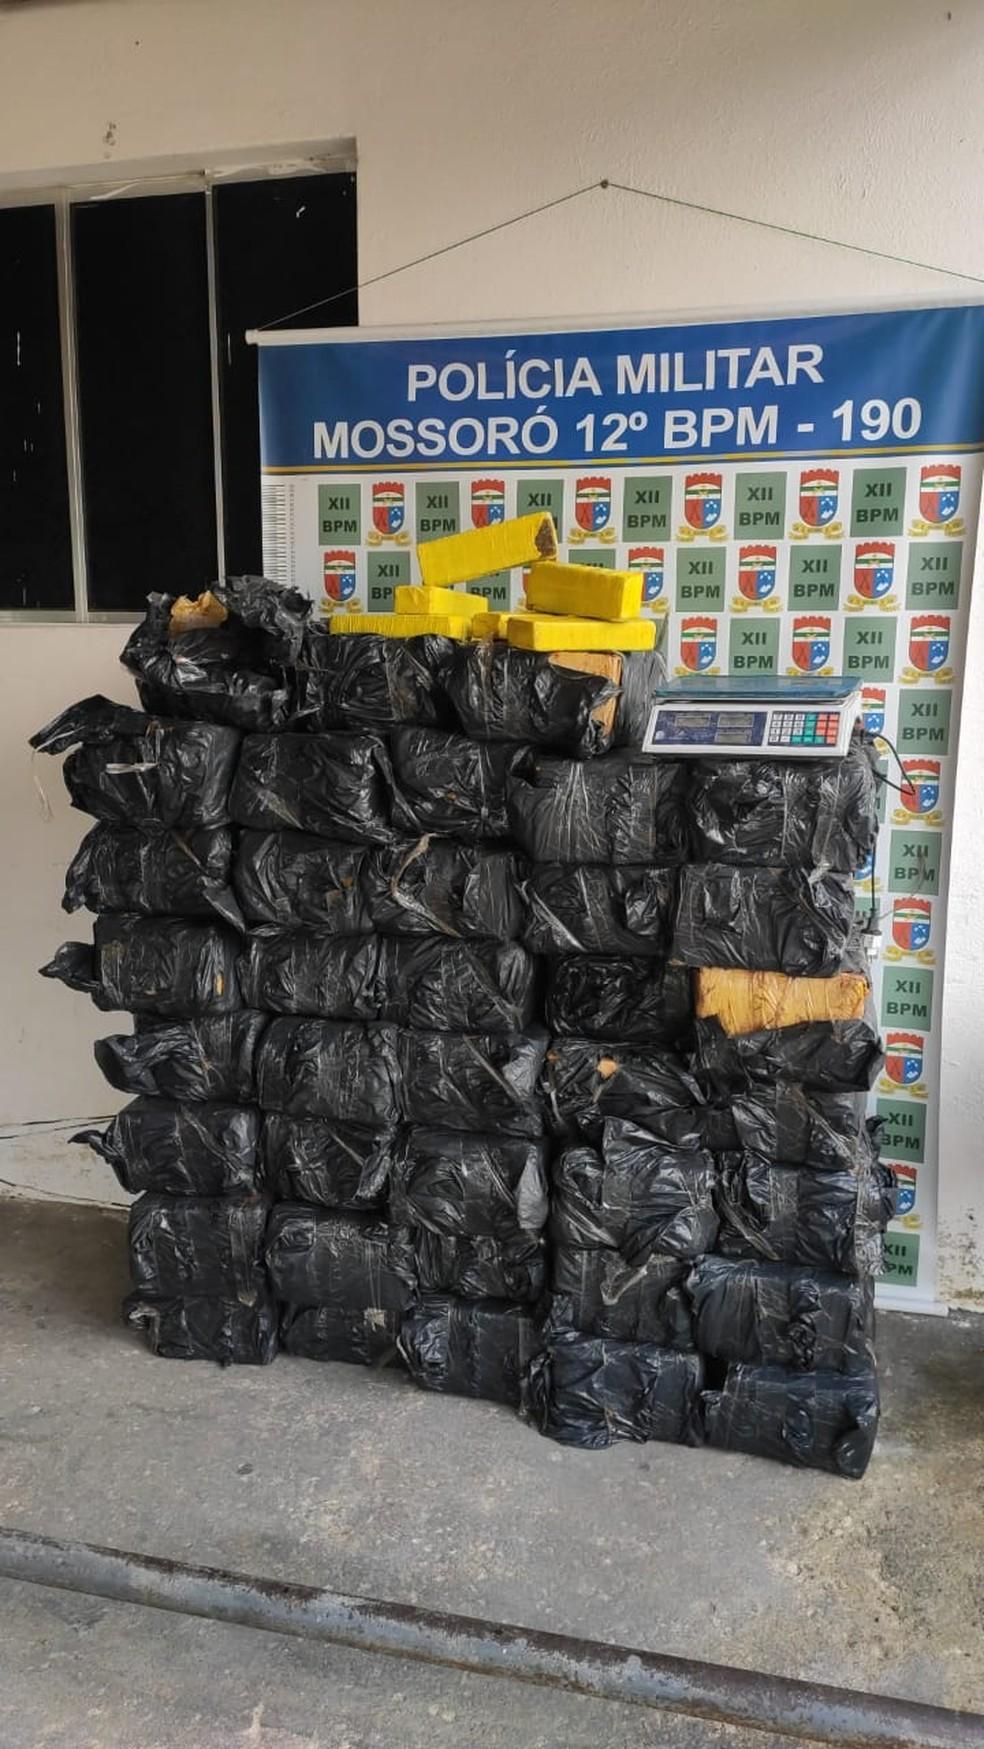 Mais de 650 kg de maconha apreendidos nesta sexta-feira (14) em Mossoró, no Oeste potiguar — Foto: Isaiana Santos/Inter TV Costa Branca